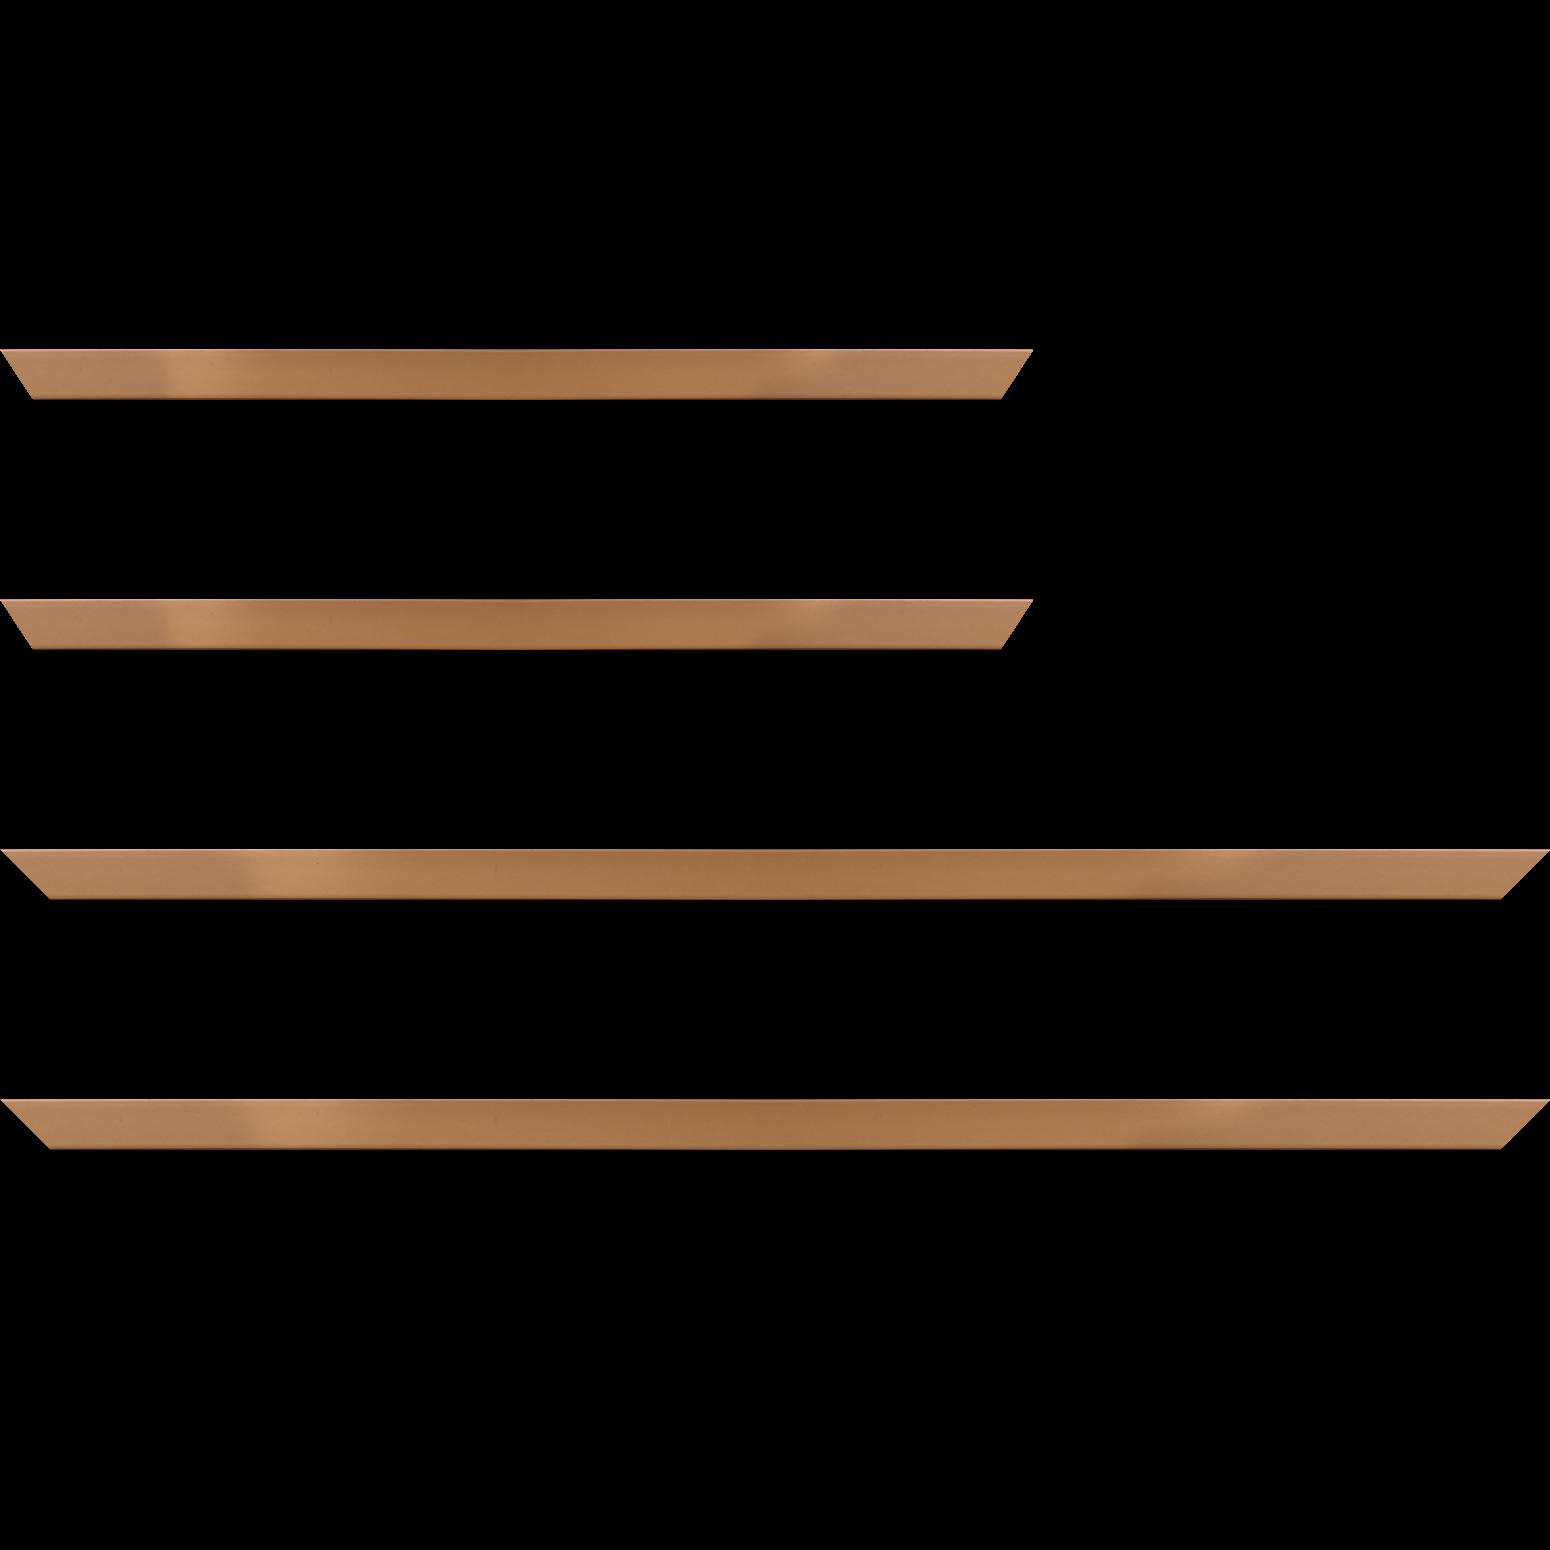 Baguette service précoupé Bois profil plat effet cube largeur 1.7cm couleur moka satiné